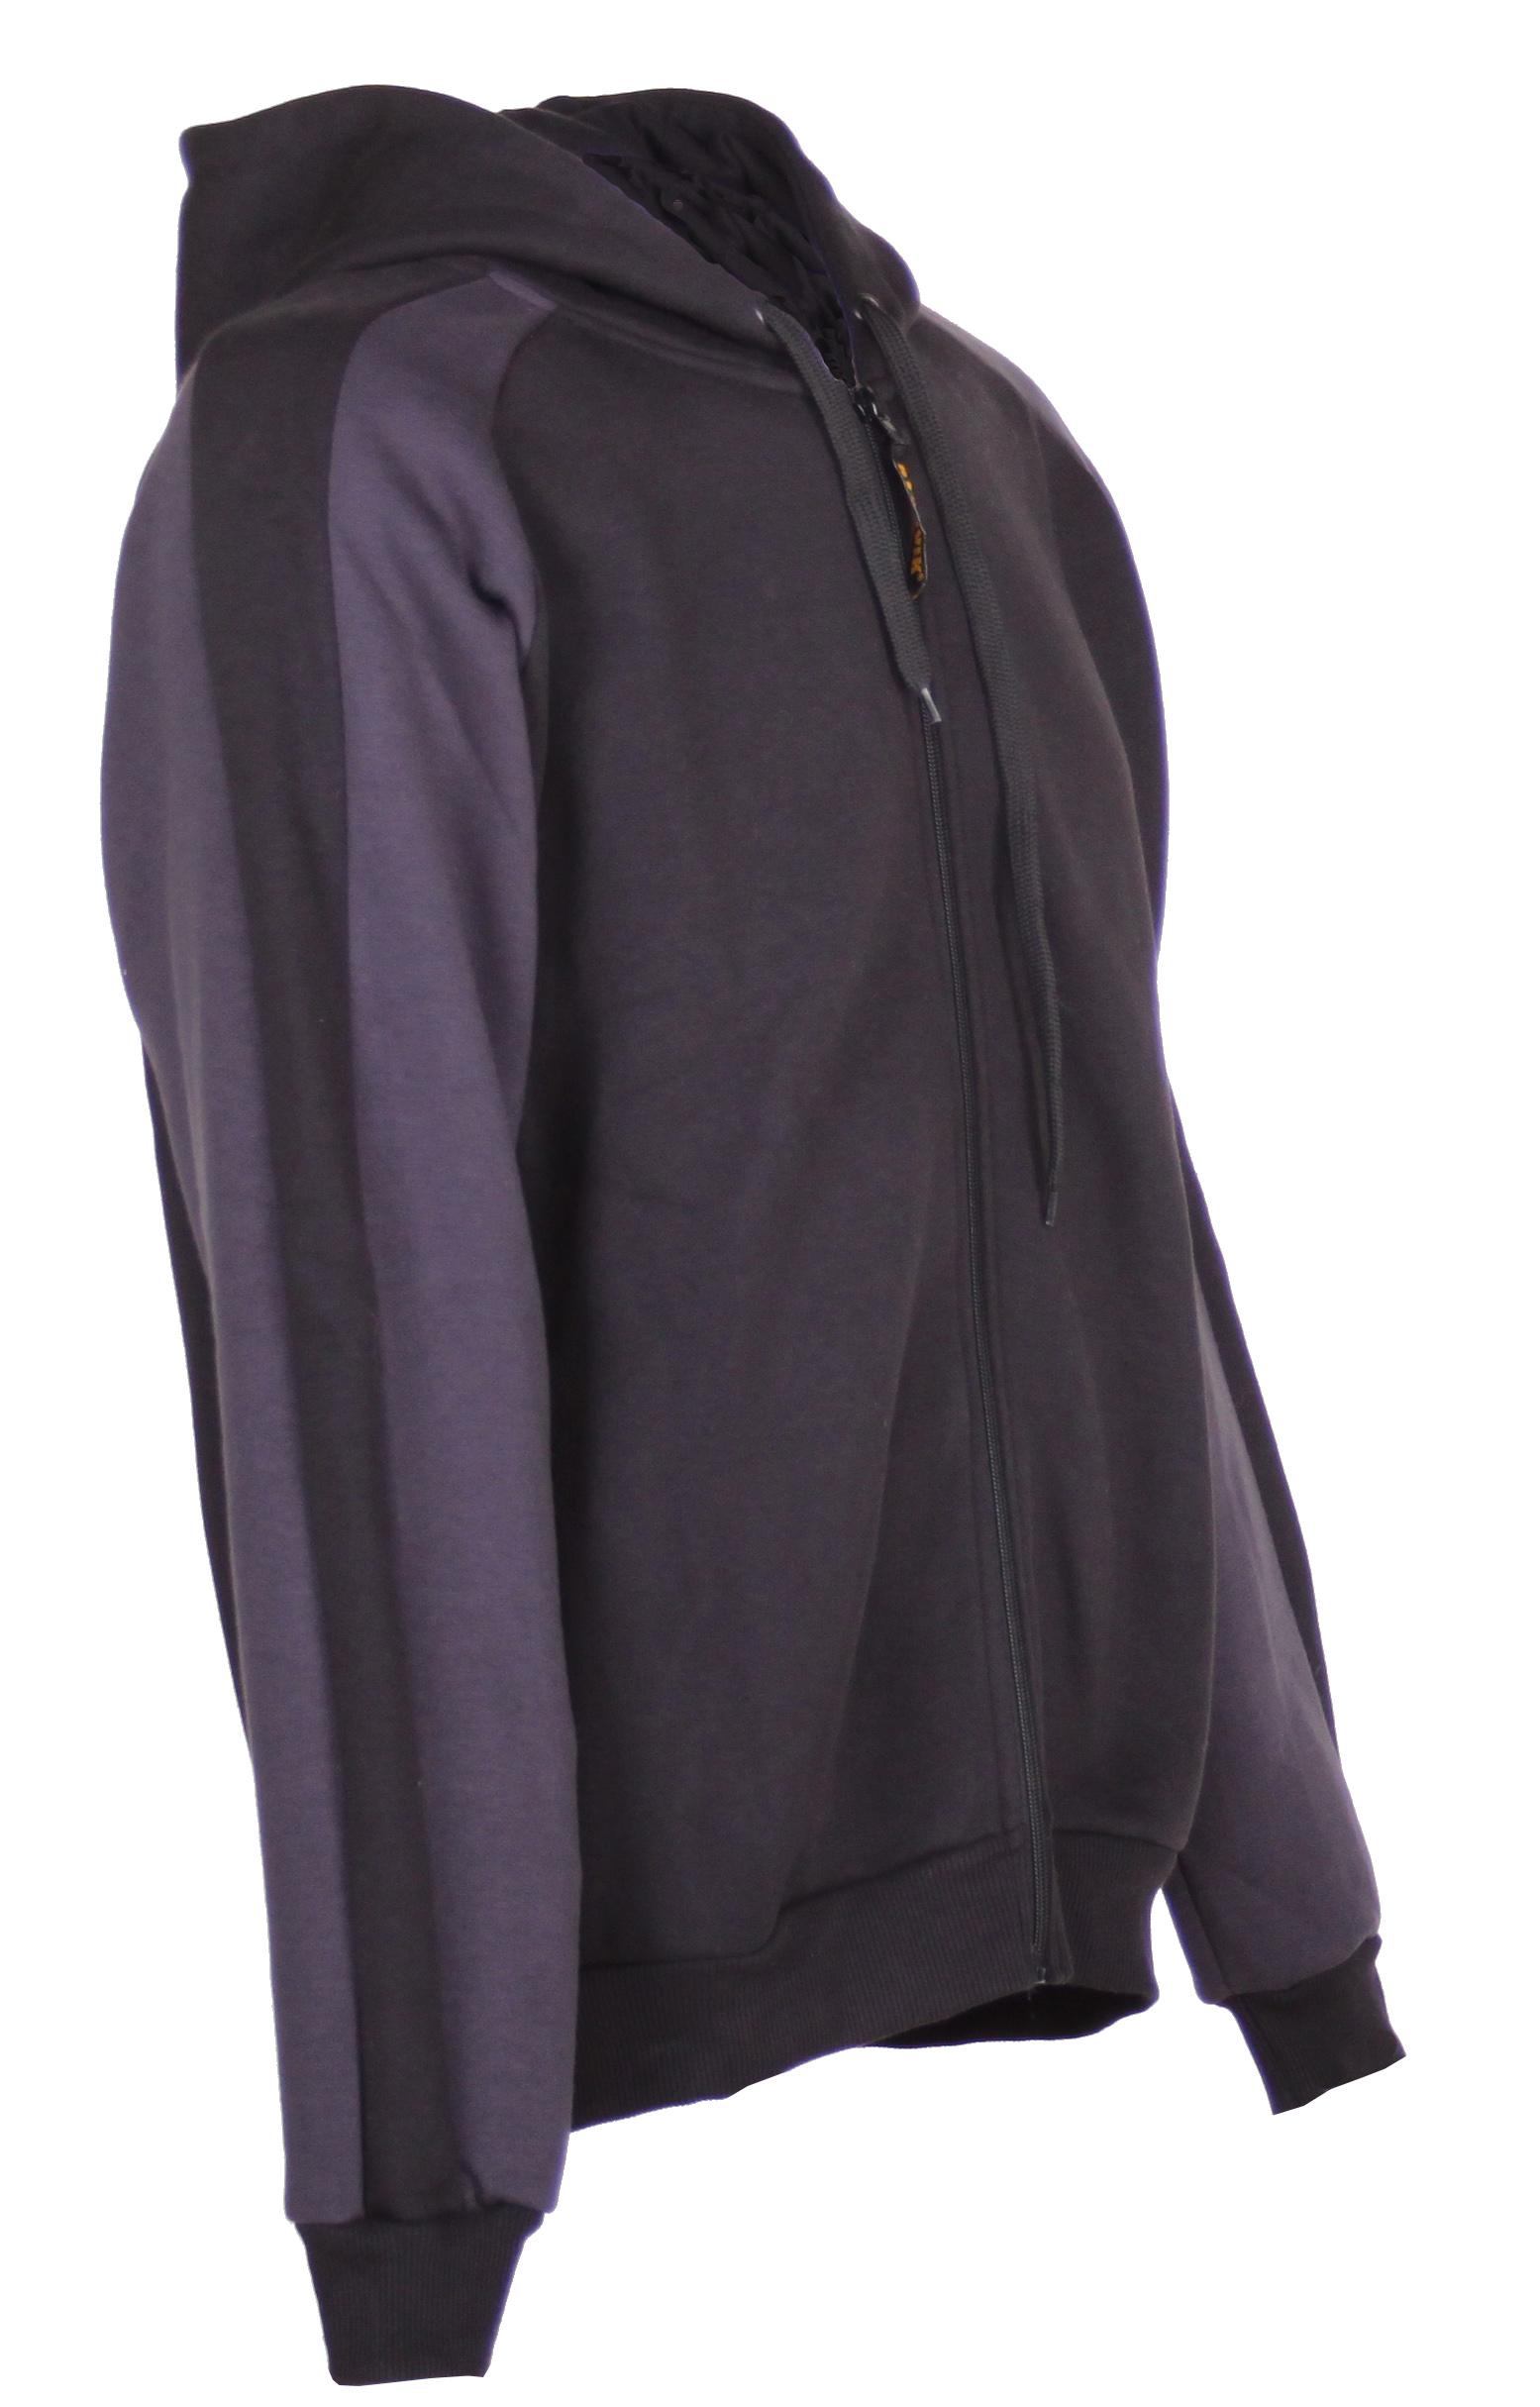 storvik-frank-sweater-zwart-rechts